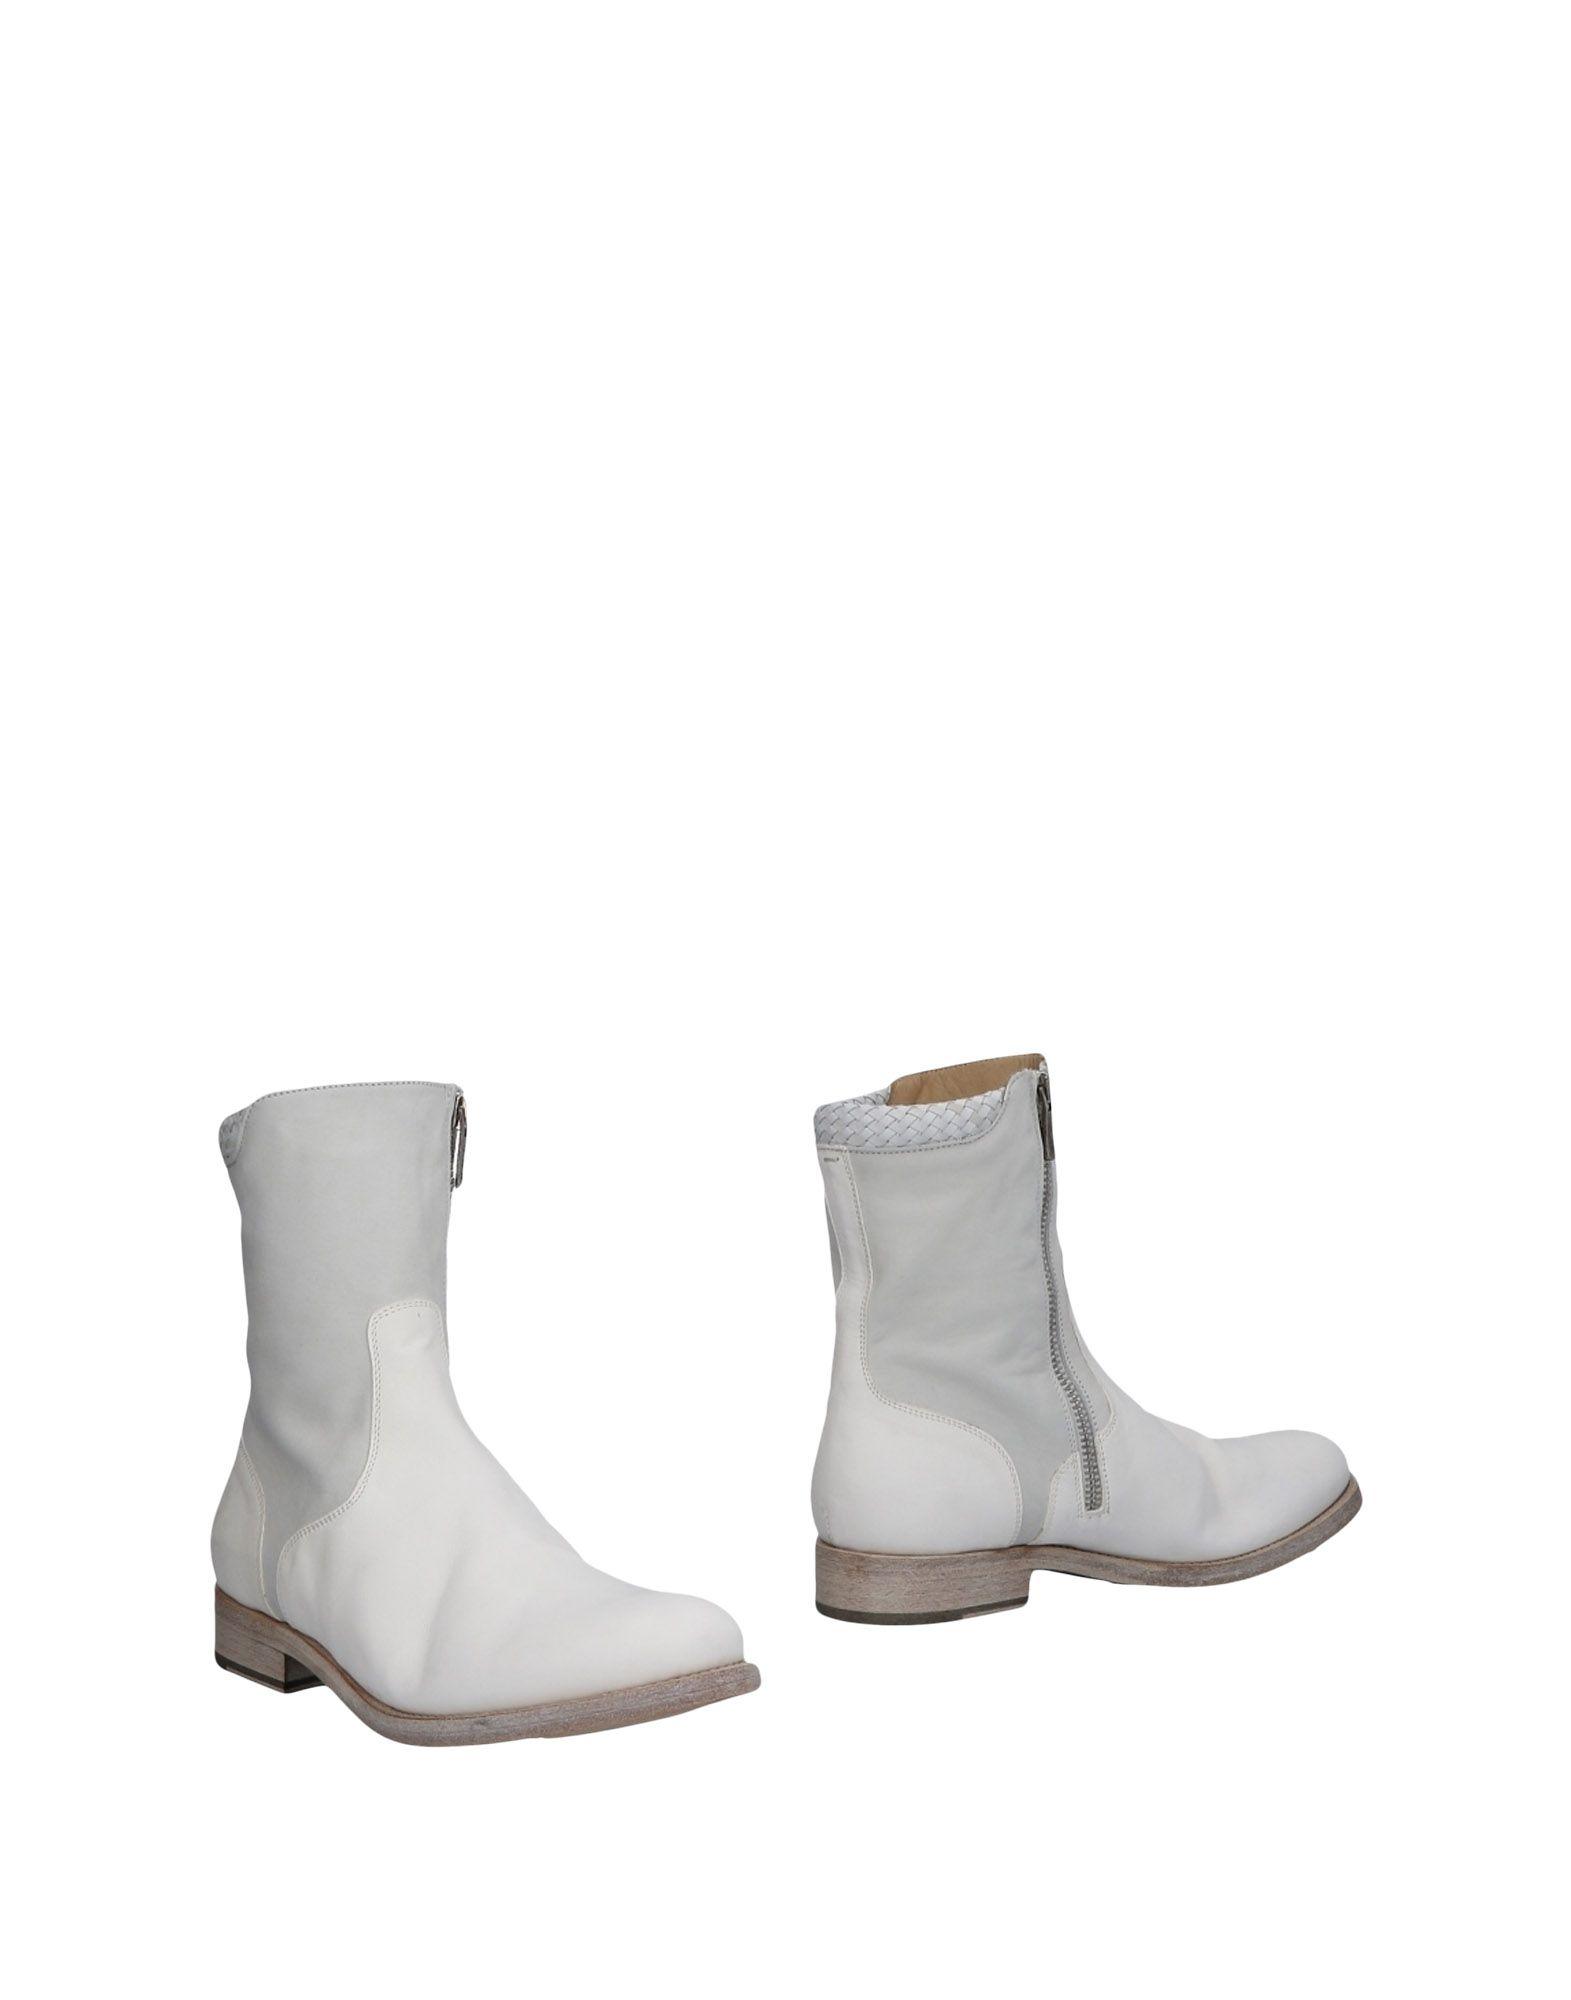 I.N.K. Shoes Stiefelette Damen  11475610WEGut aussehende strapazierfähige Schuhe